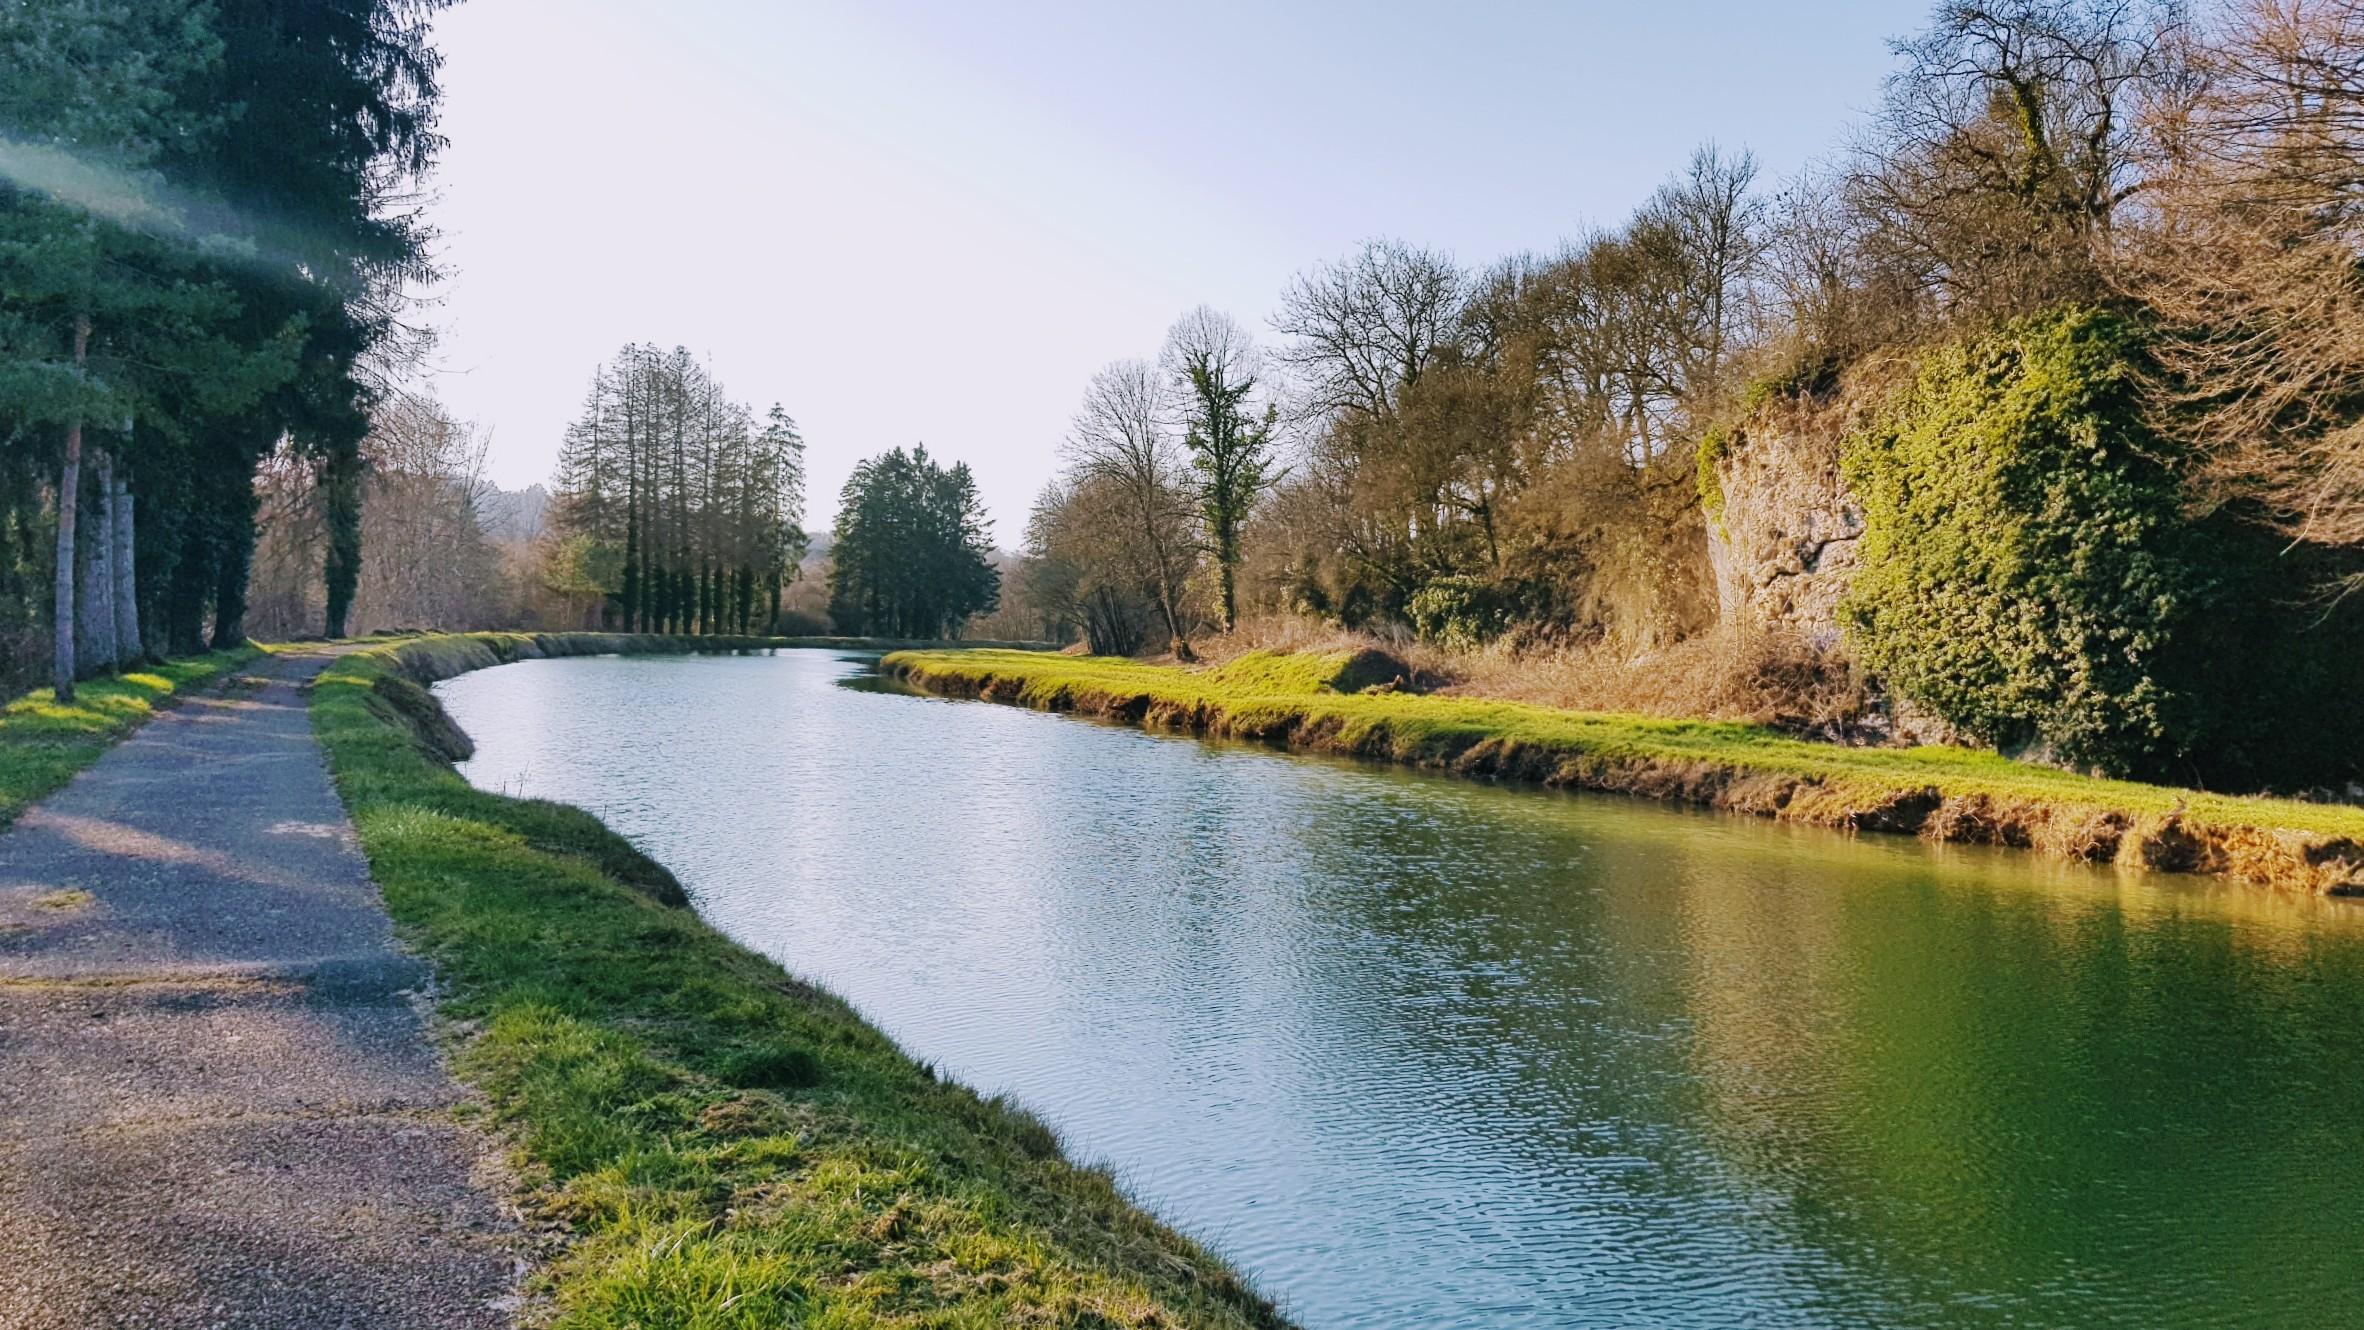 Der Kanal und der Treidelweg, von Tannen und Felsen umsäumt